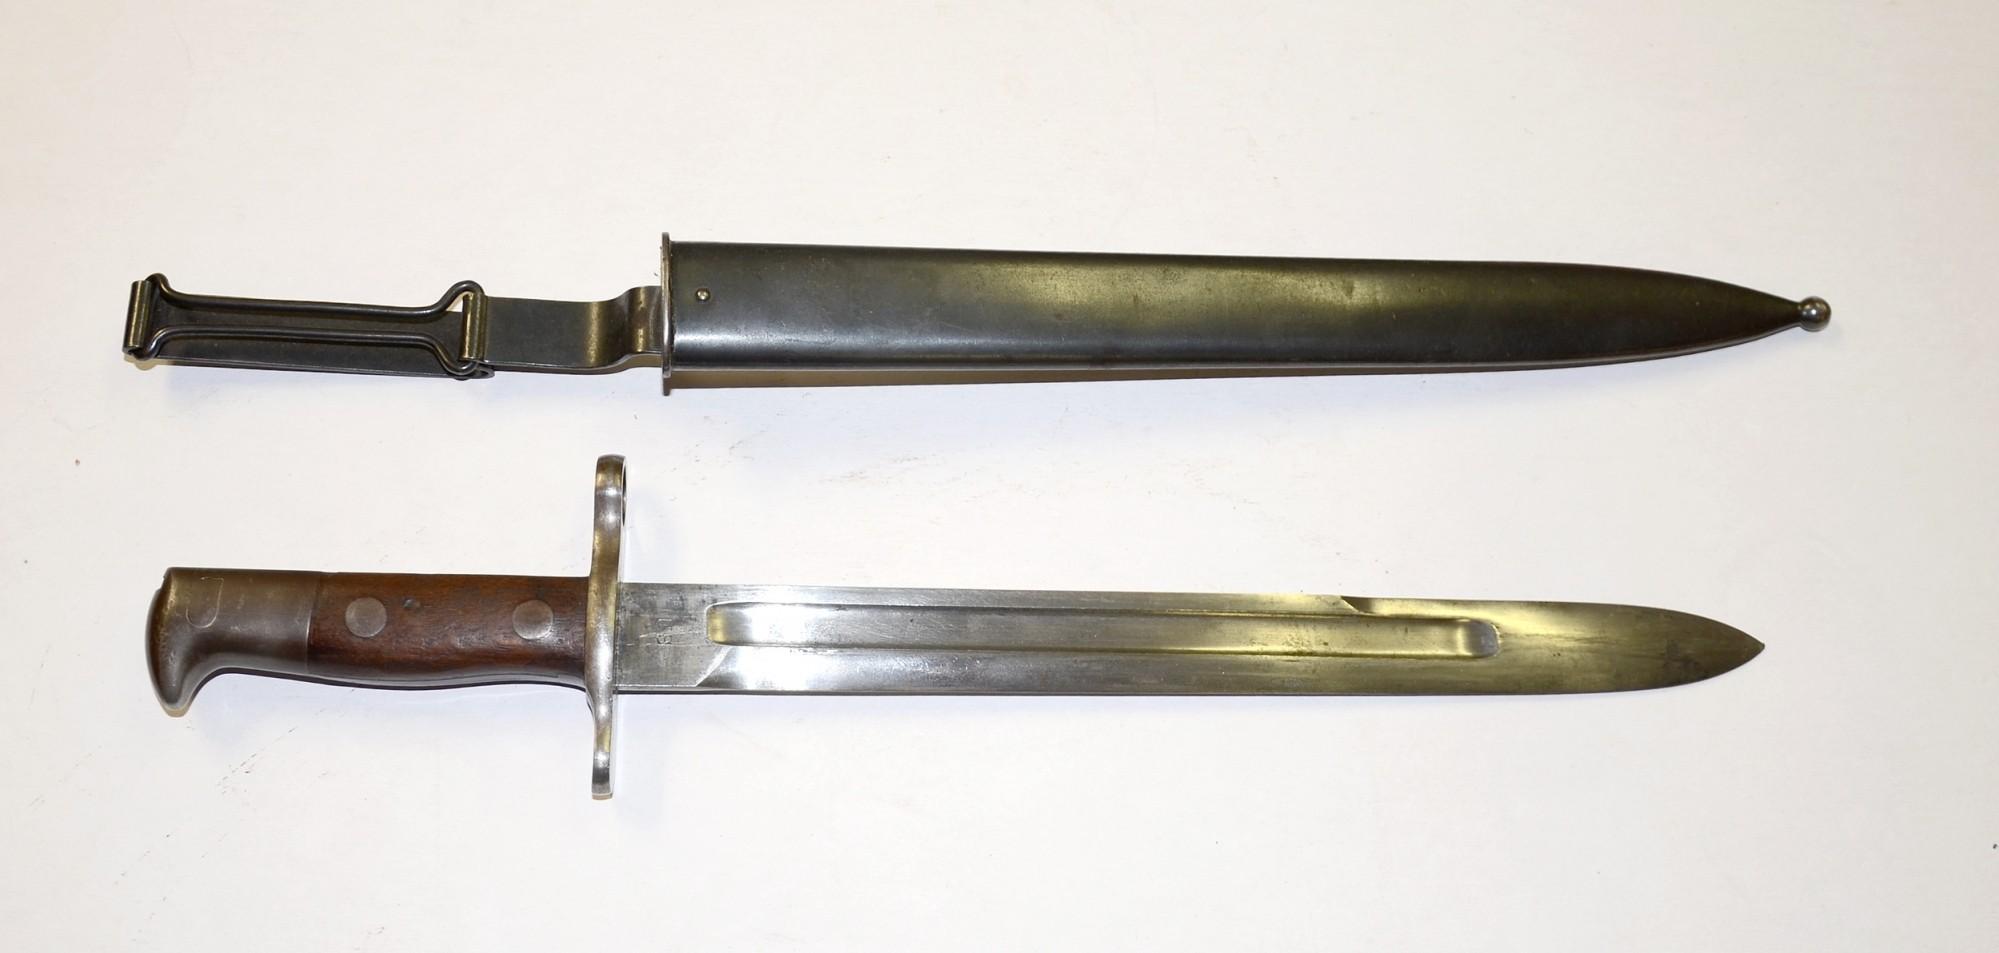 M1898 U S KRAG JORGENSEN BAYONET DATED 1898 WITH US